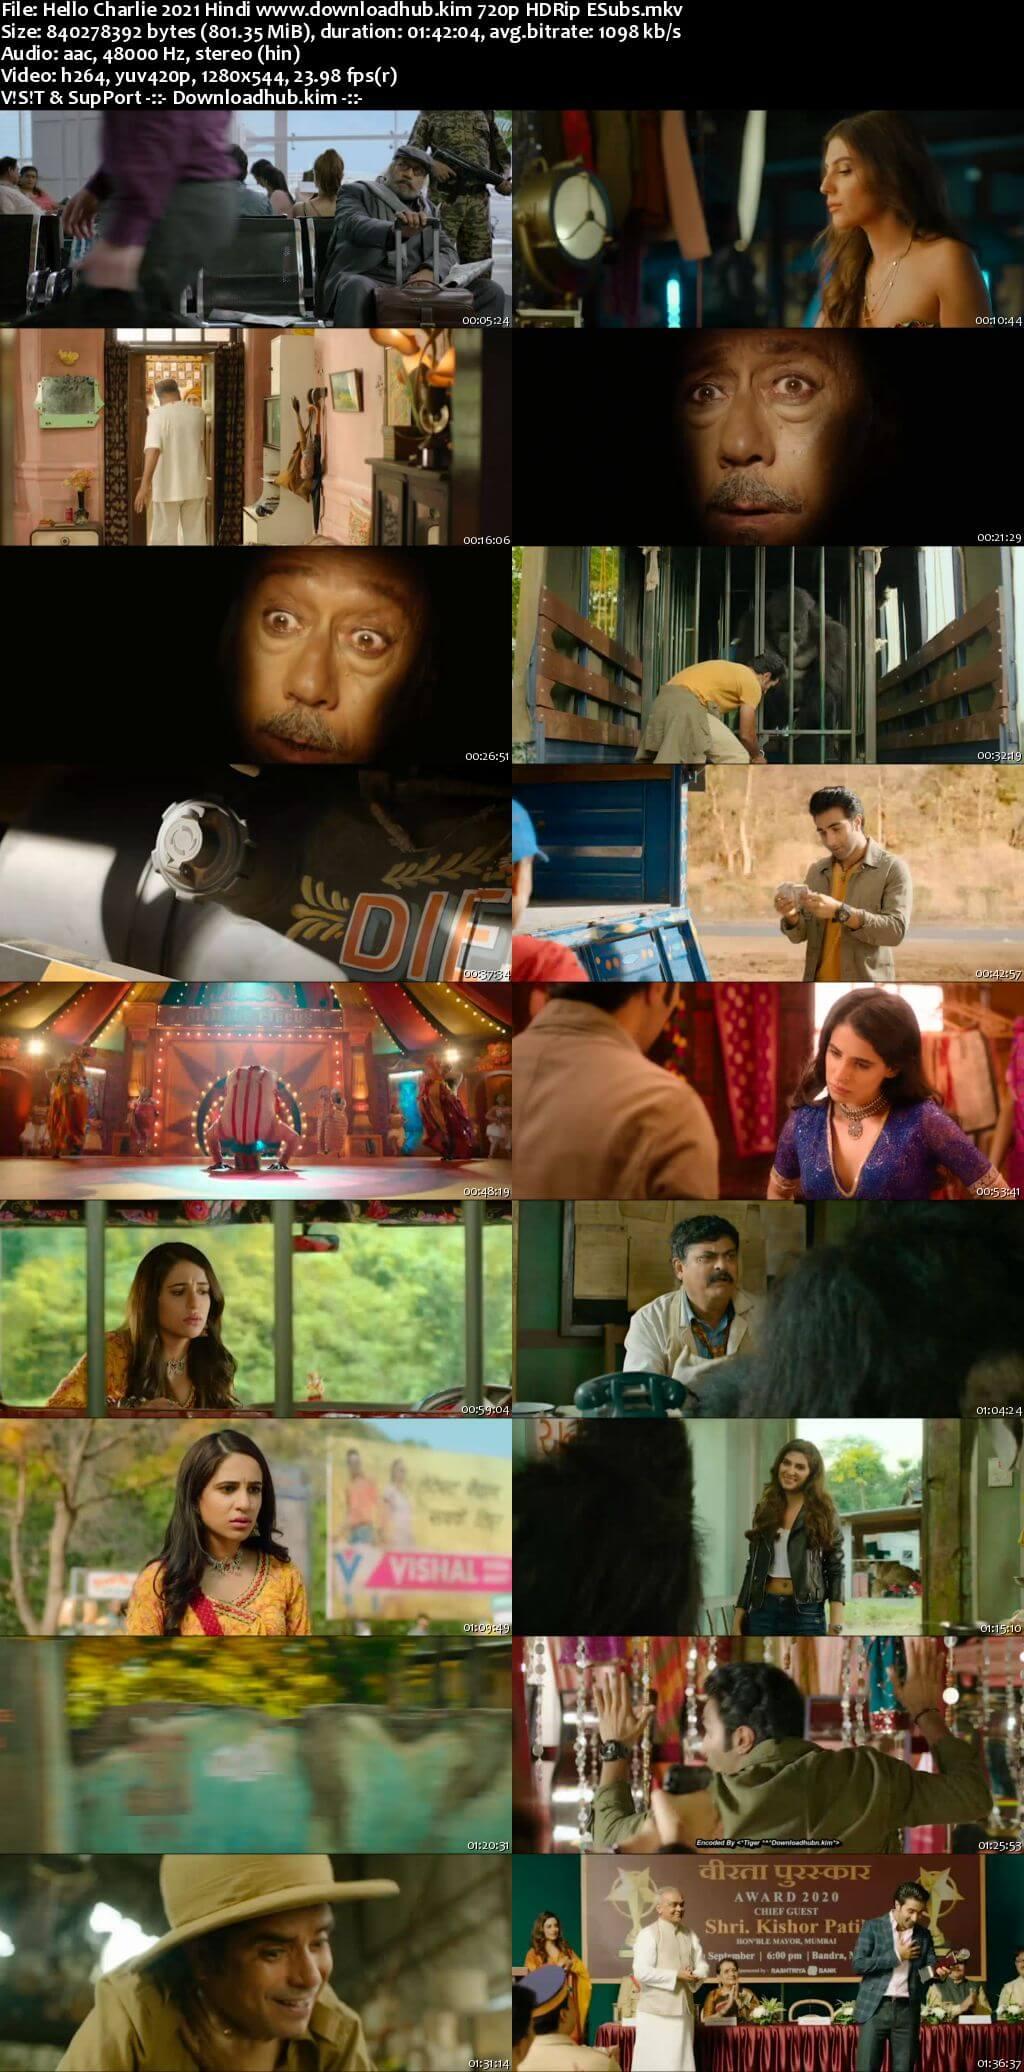 Hello Charlie 2021 Hindi 720p HDRip ESubs